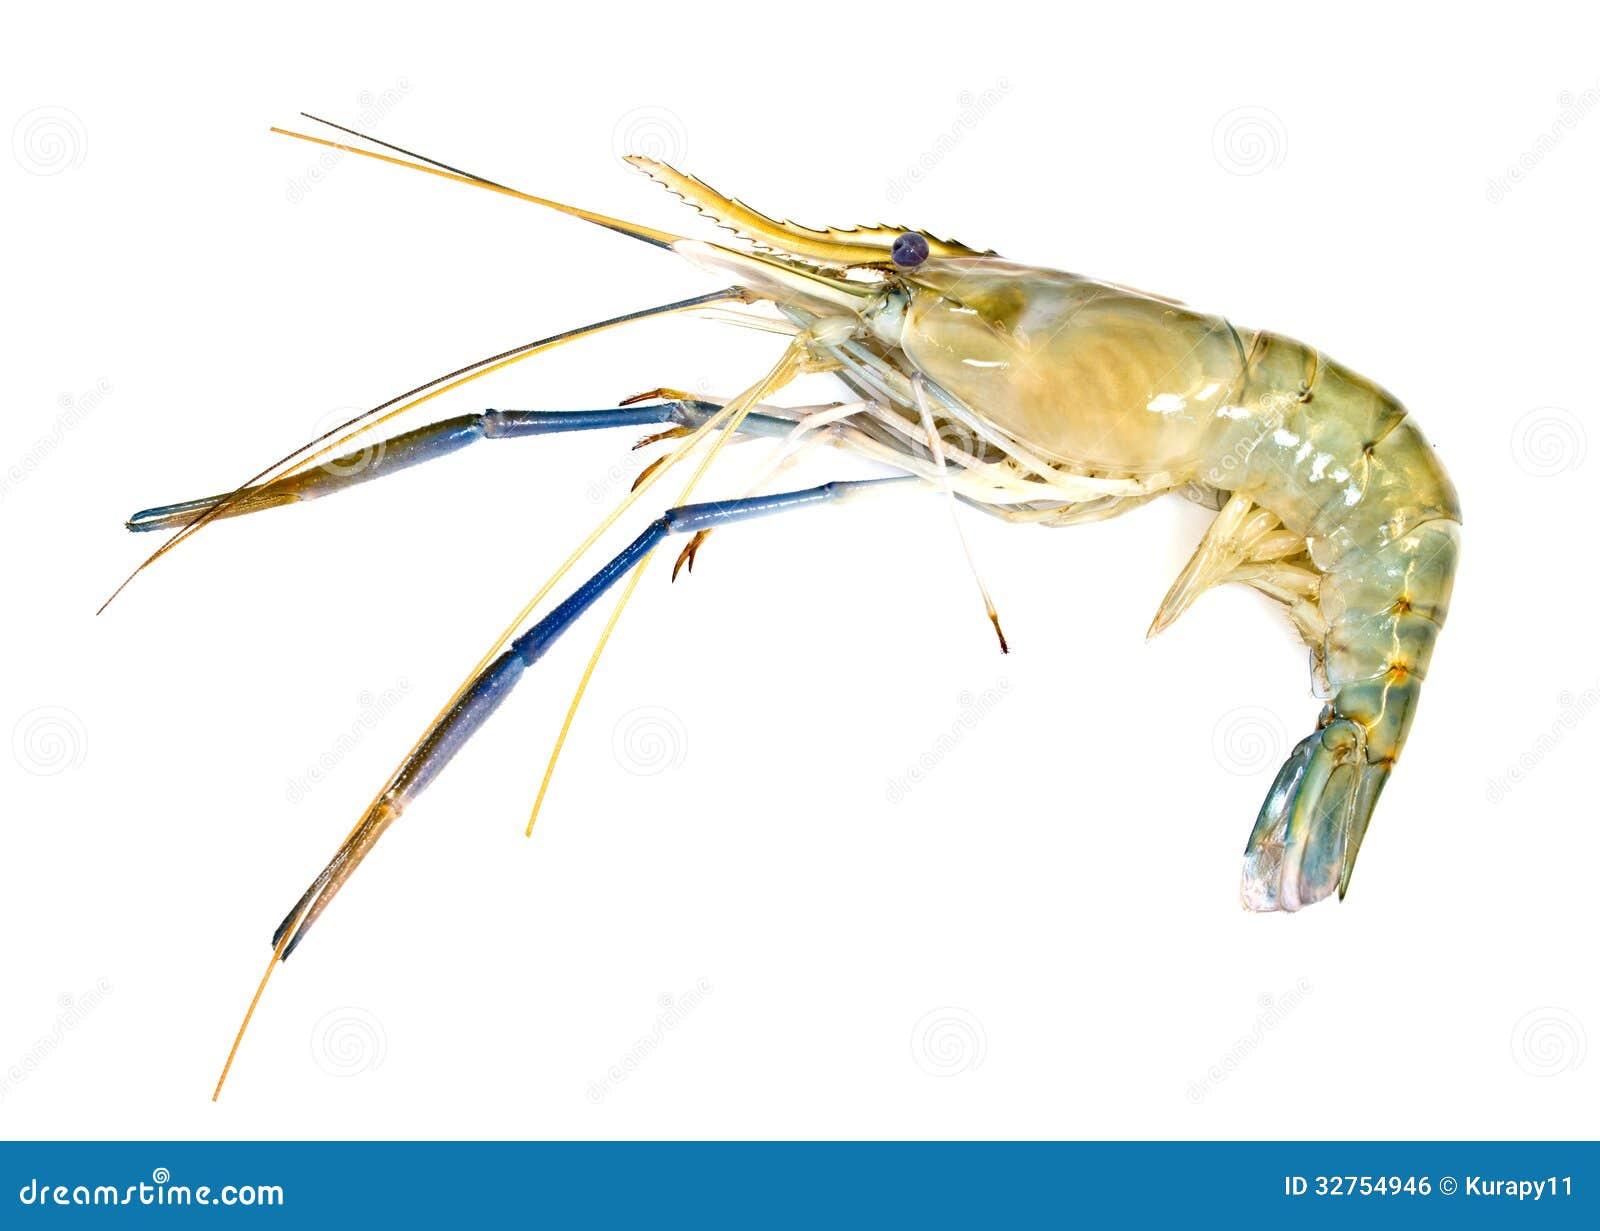 Giant freshwater prawn stock photo  Image of fresh, cooked - 32754946